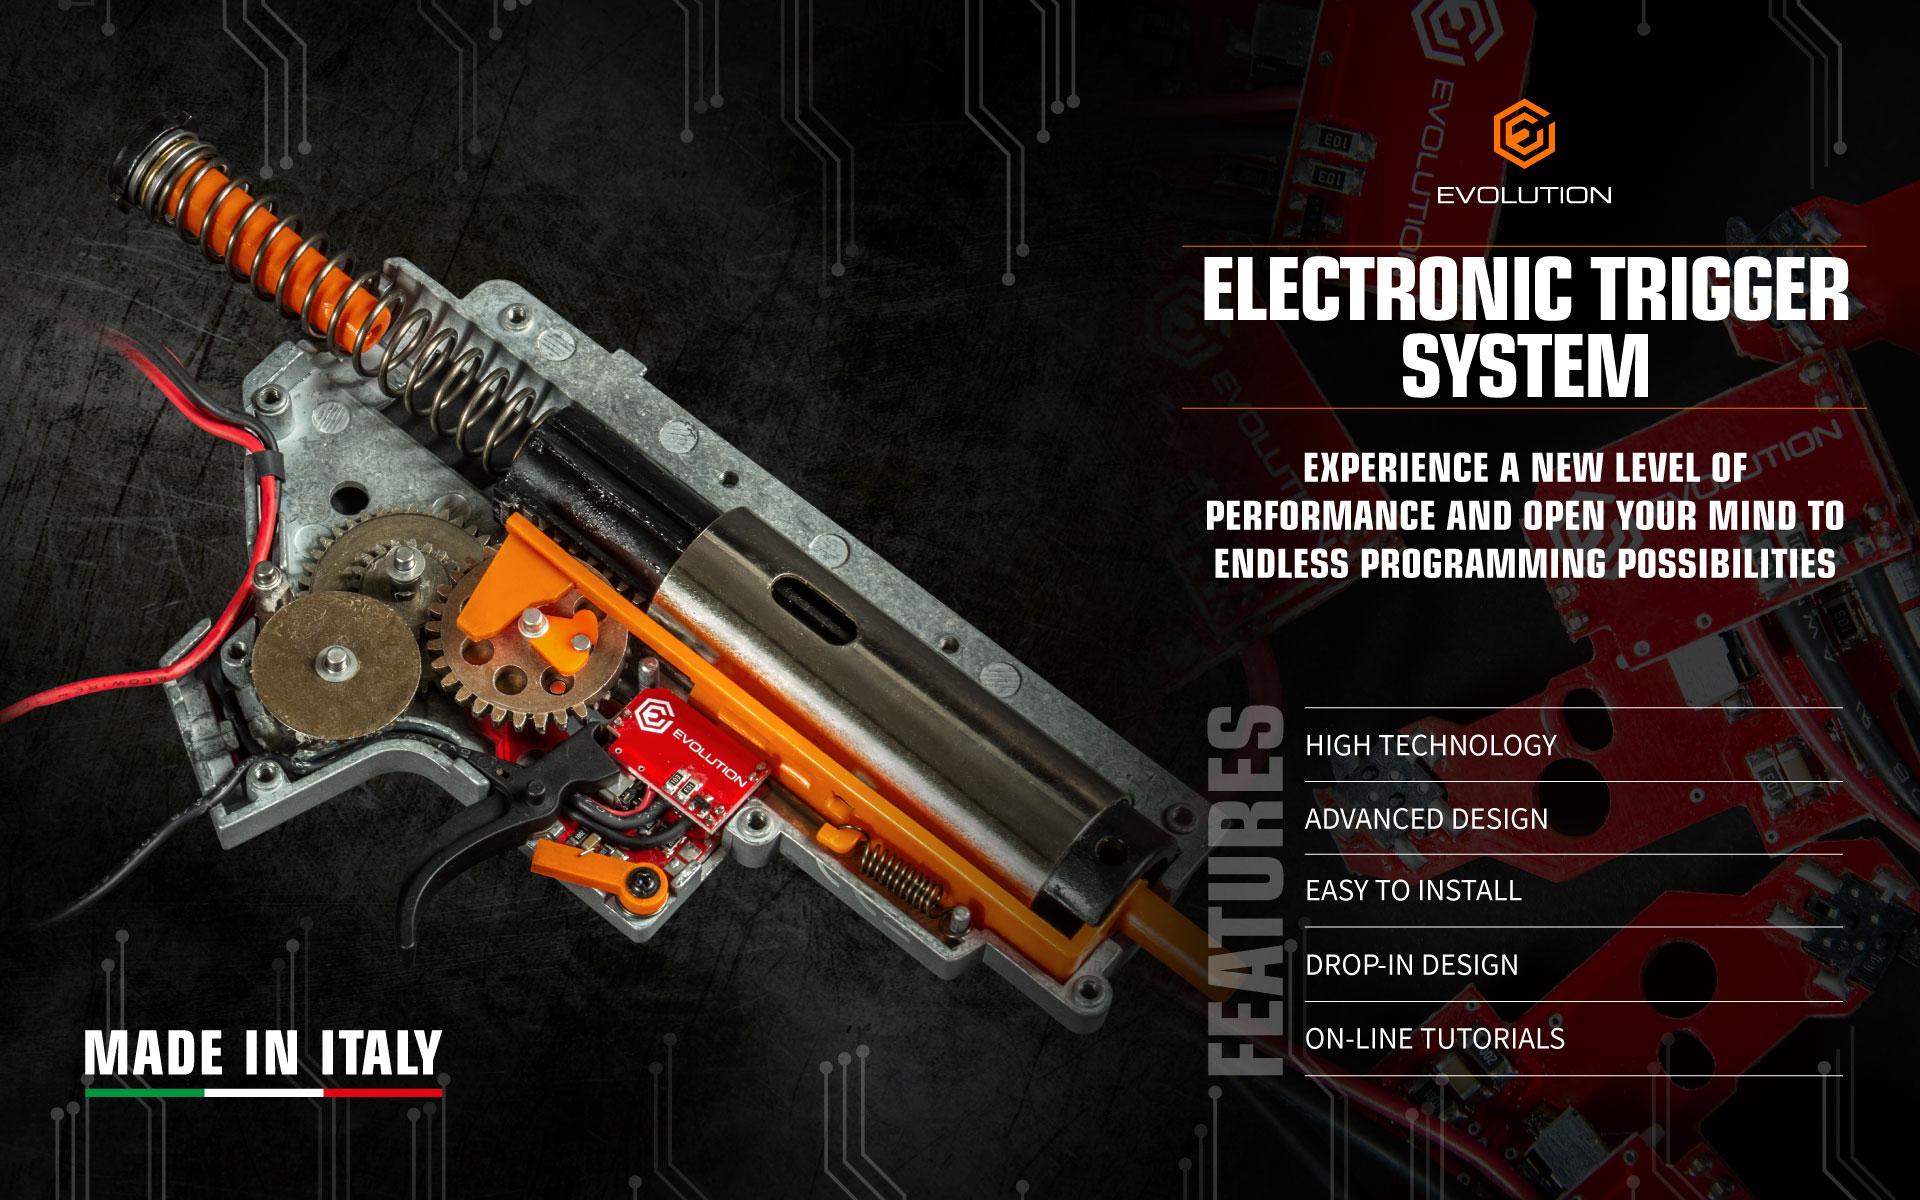 Evolution Electronic Trigger System